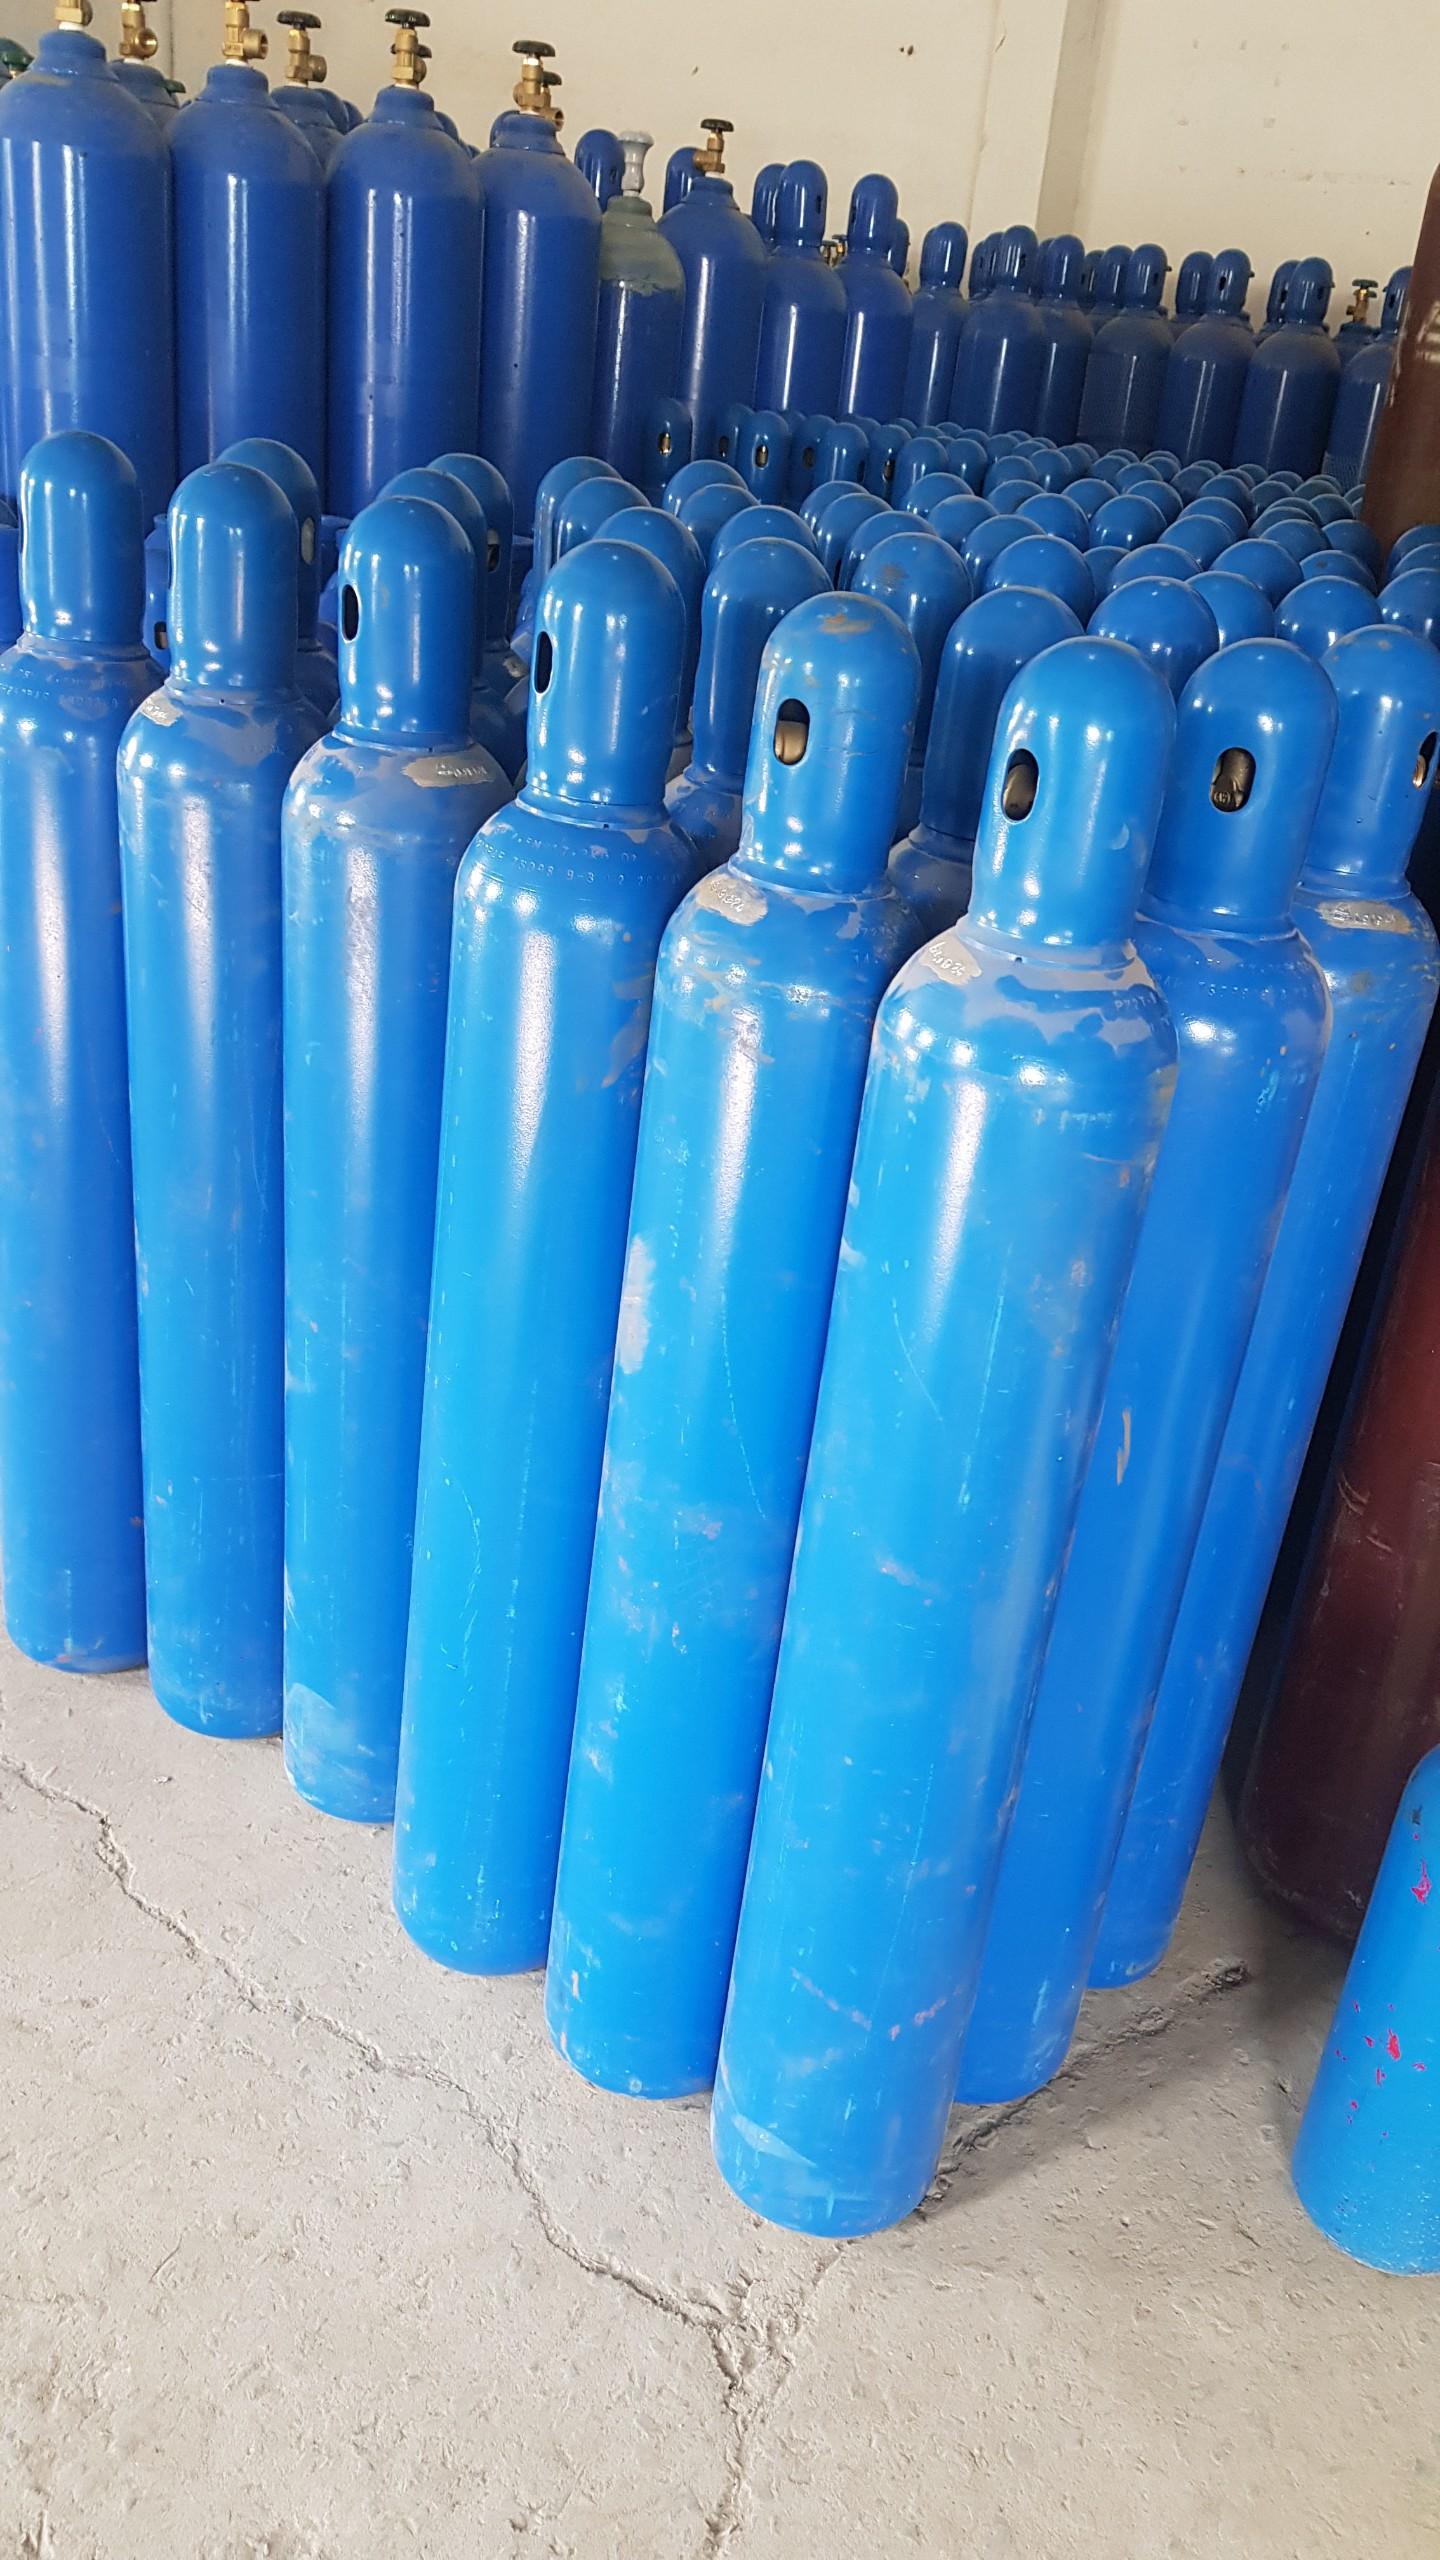 bán bình oxy cho thợ lặn | địa chỉ thuê bình oxy cho thợ lặn